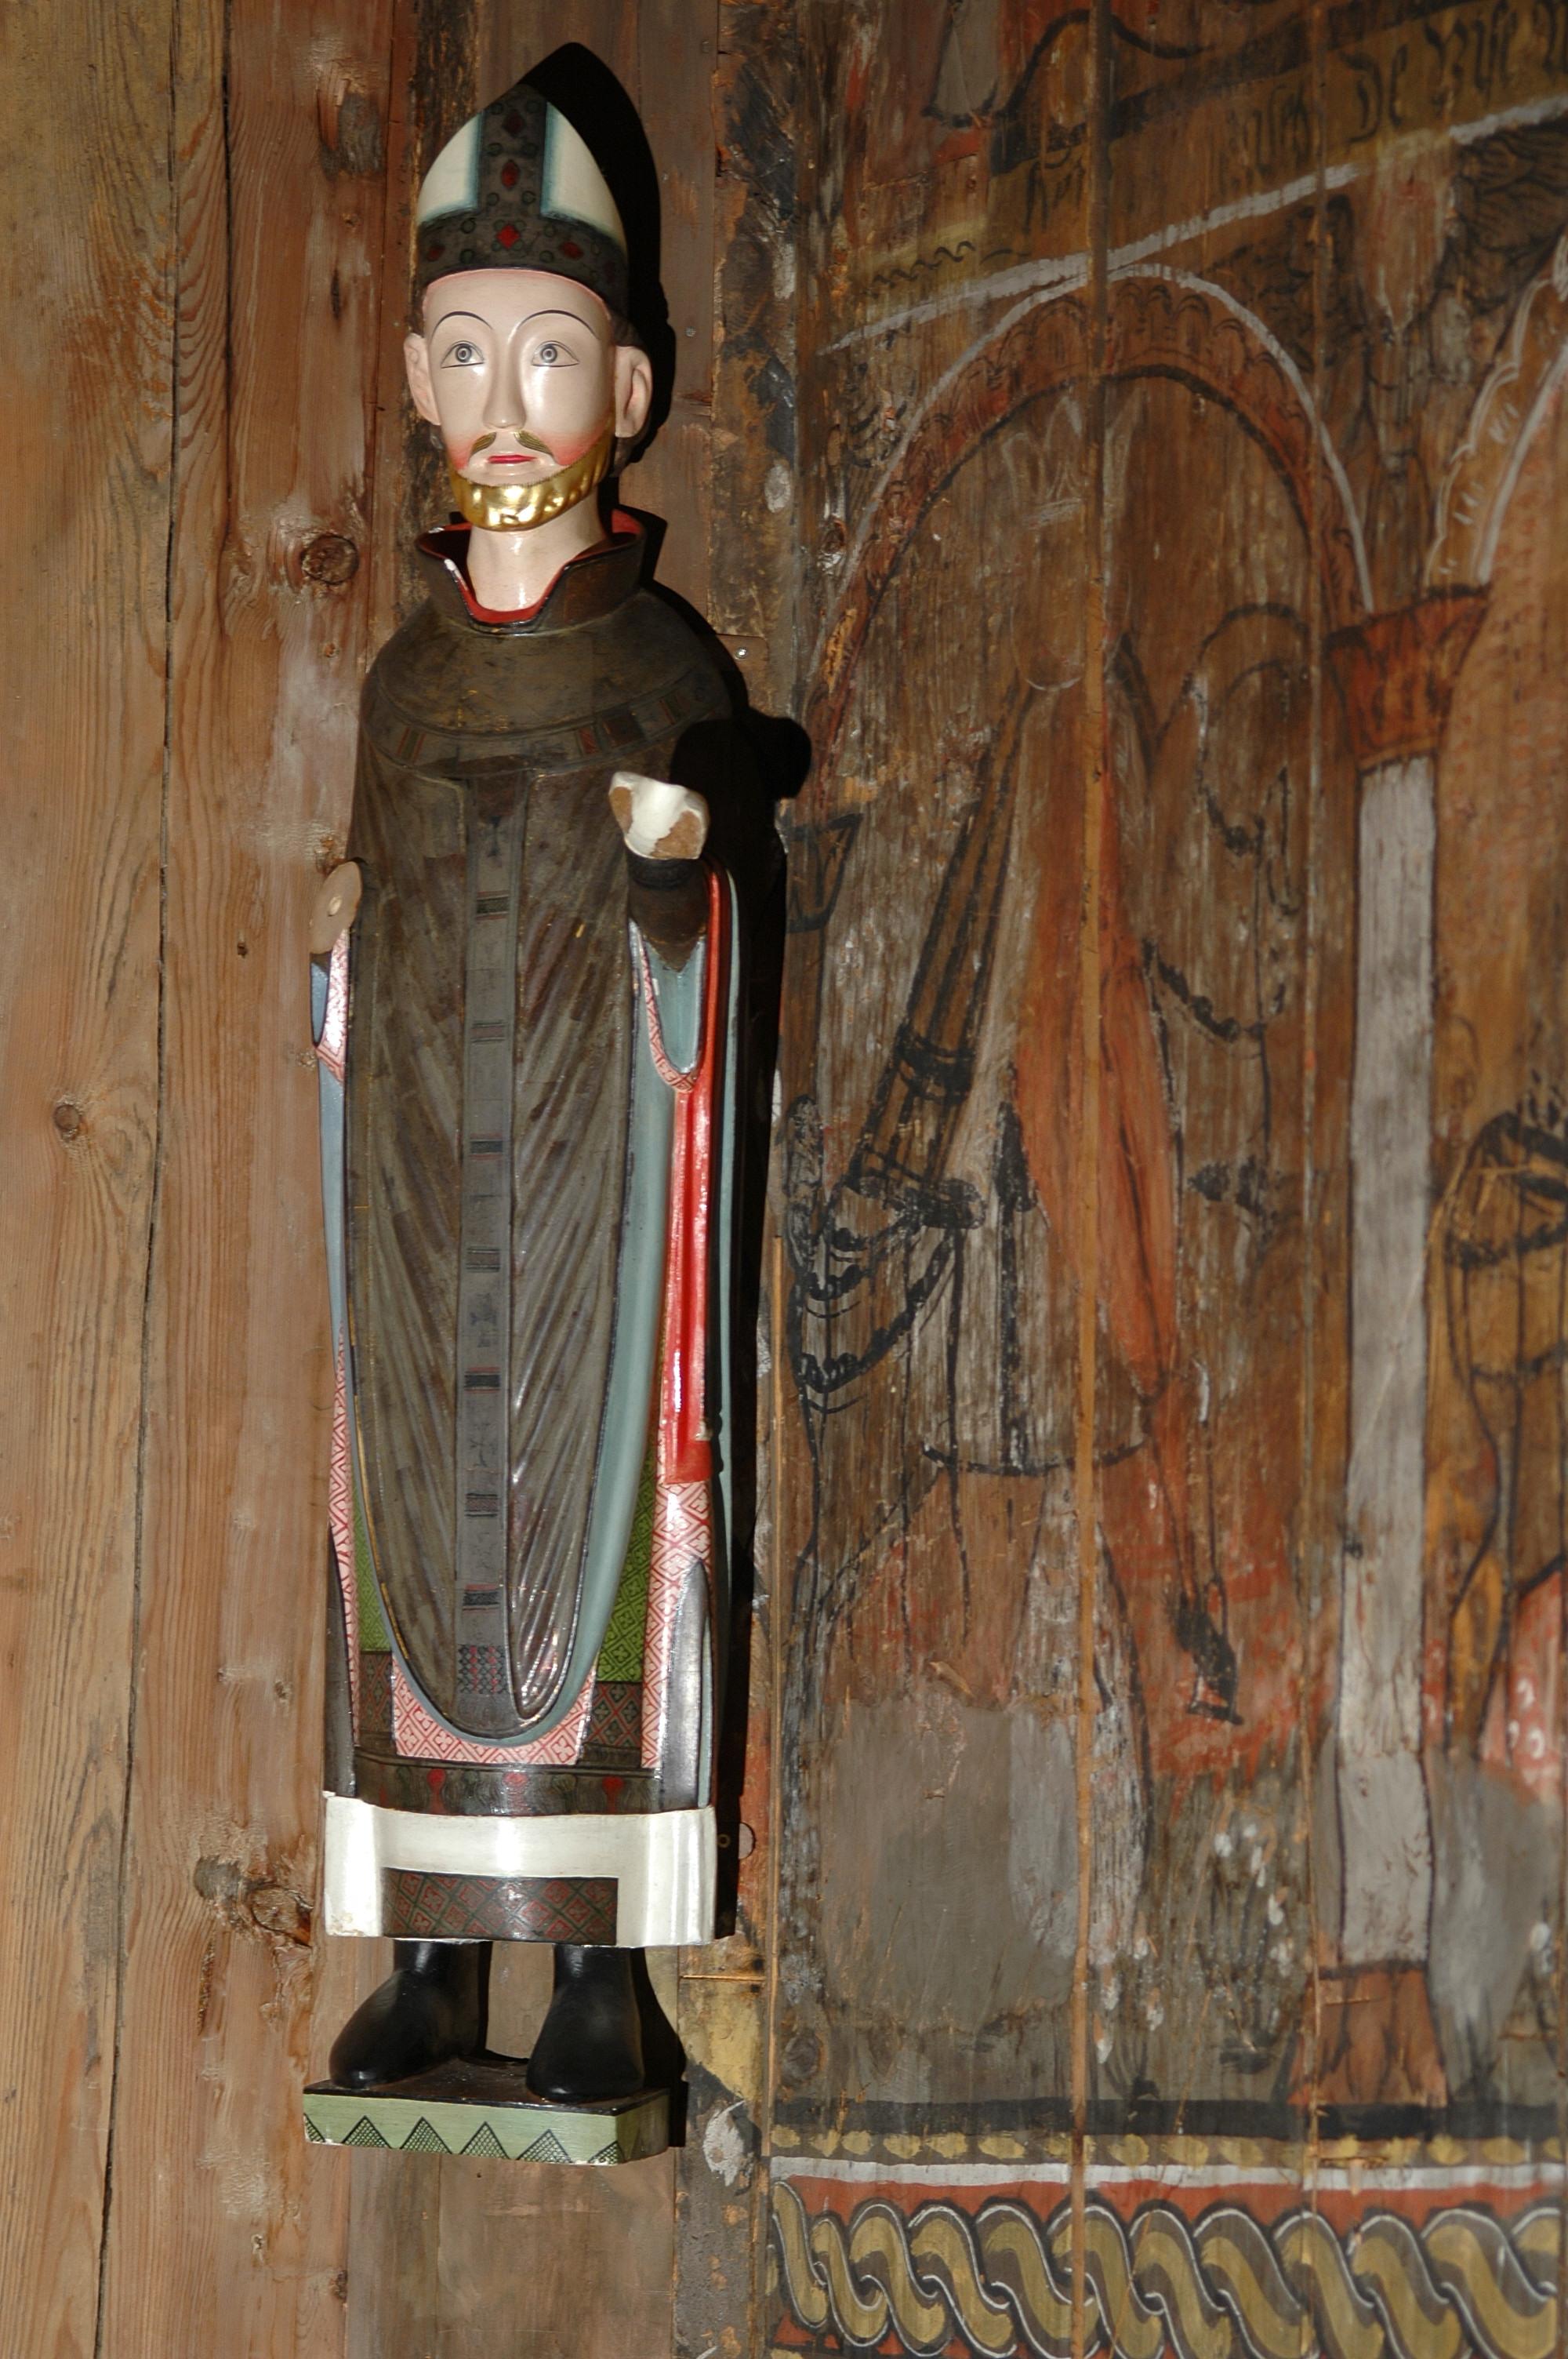 Helgen figuren, Sankt Nikolaus kan du sjå i Eidsborg stavkyrkje